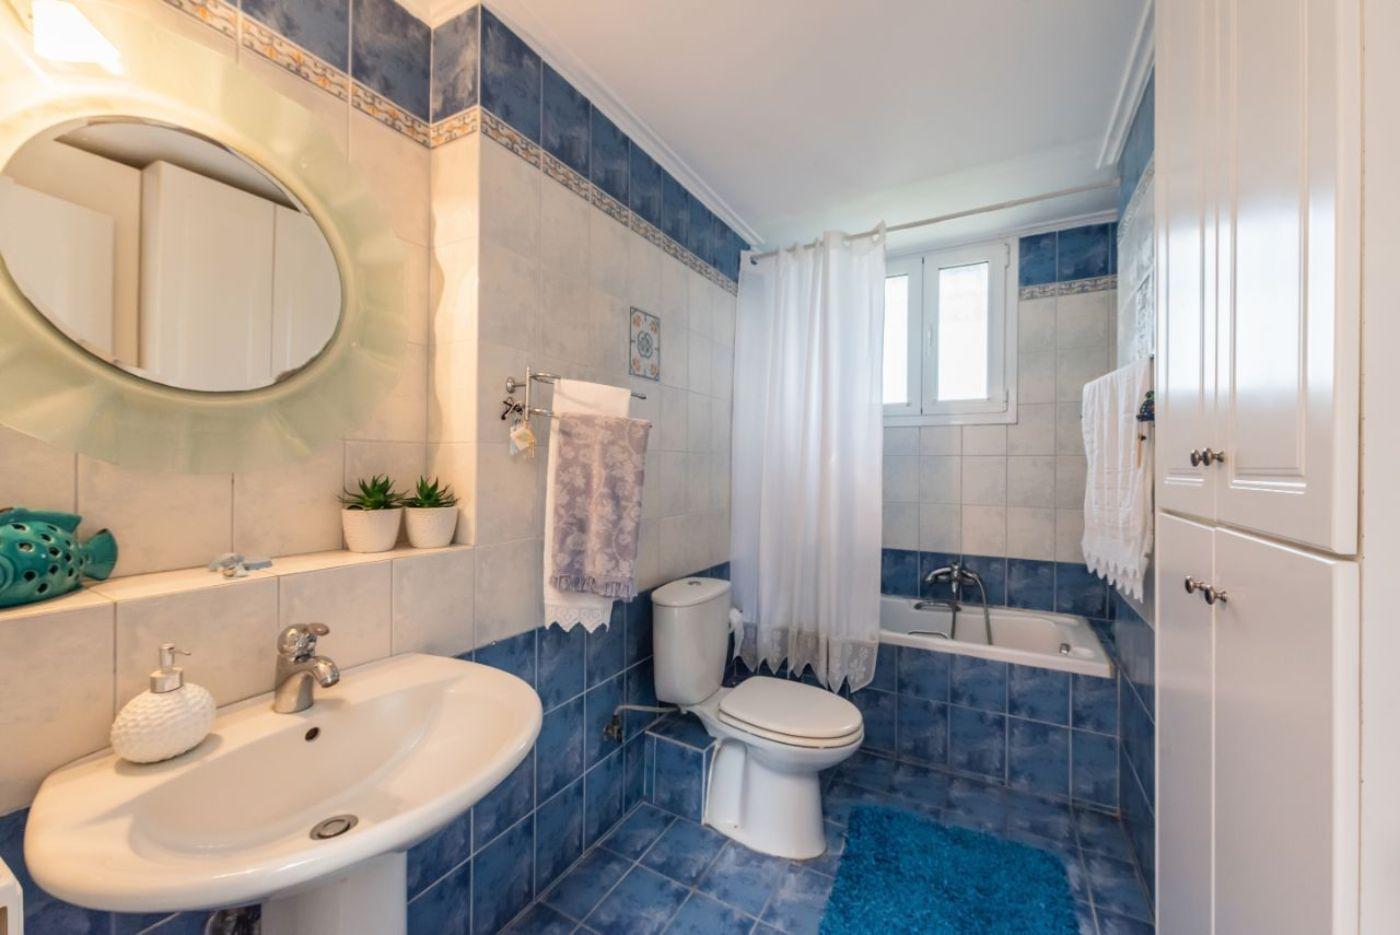 1ο μπάνιο με μπανιέρα και WC